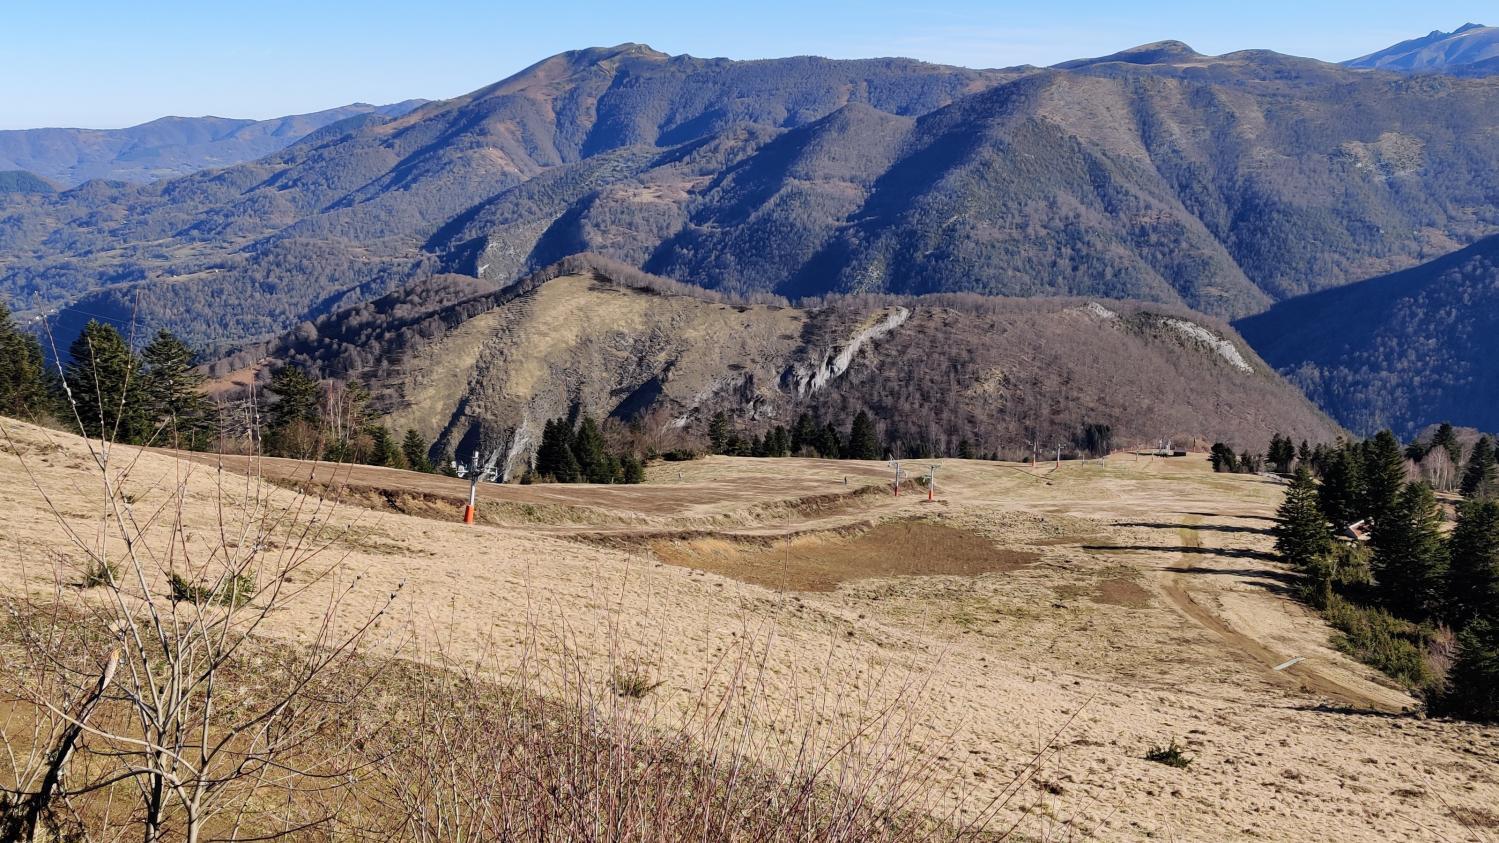 """""""La neige est devenue l'or blanc"""" : face au manque de neige, les stations de basse altitude doivent s'adapter"""